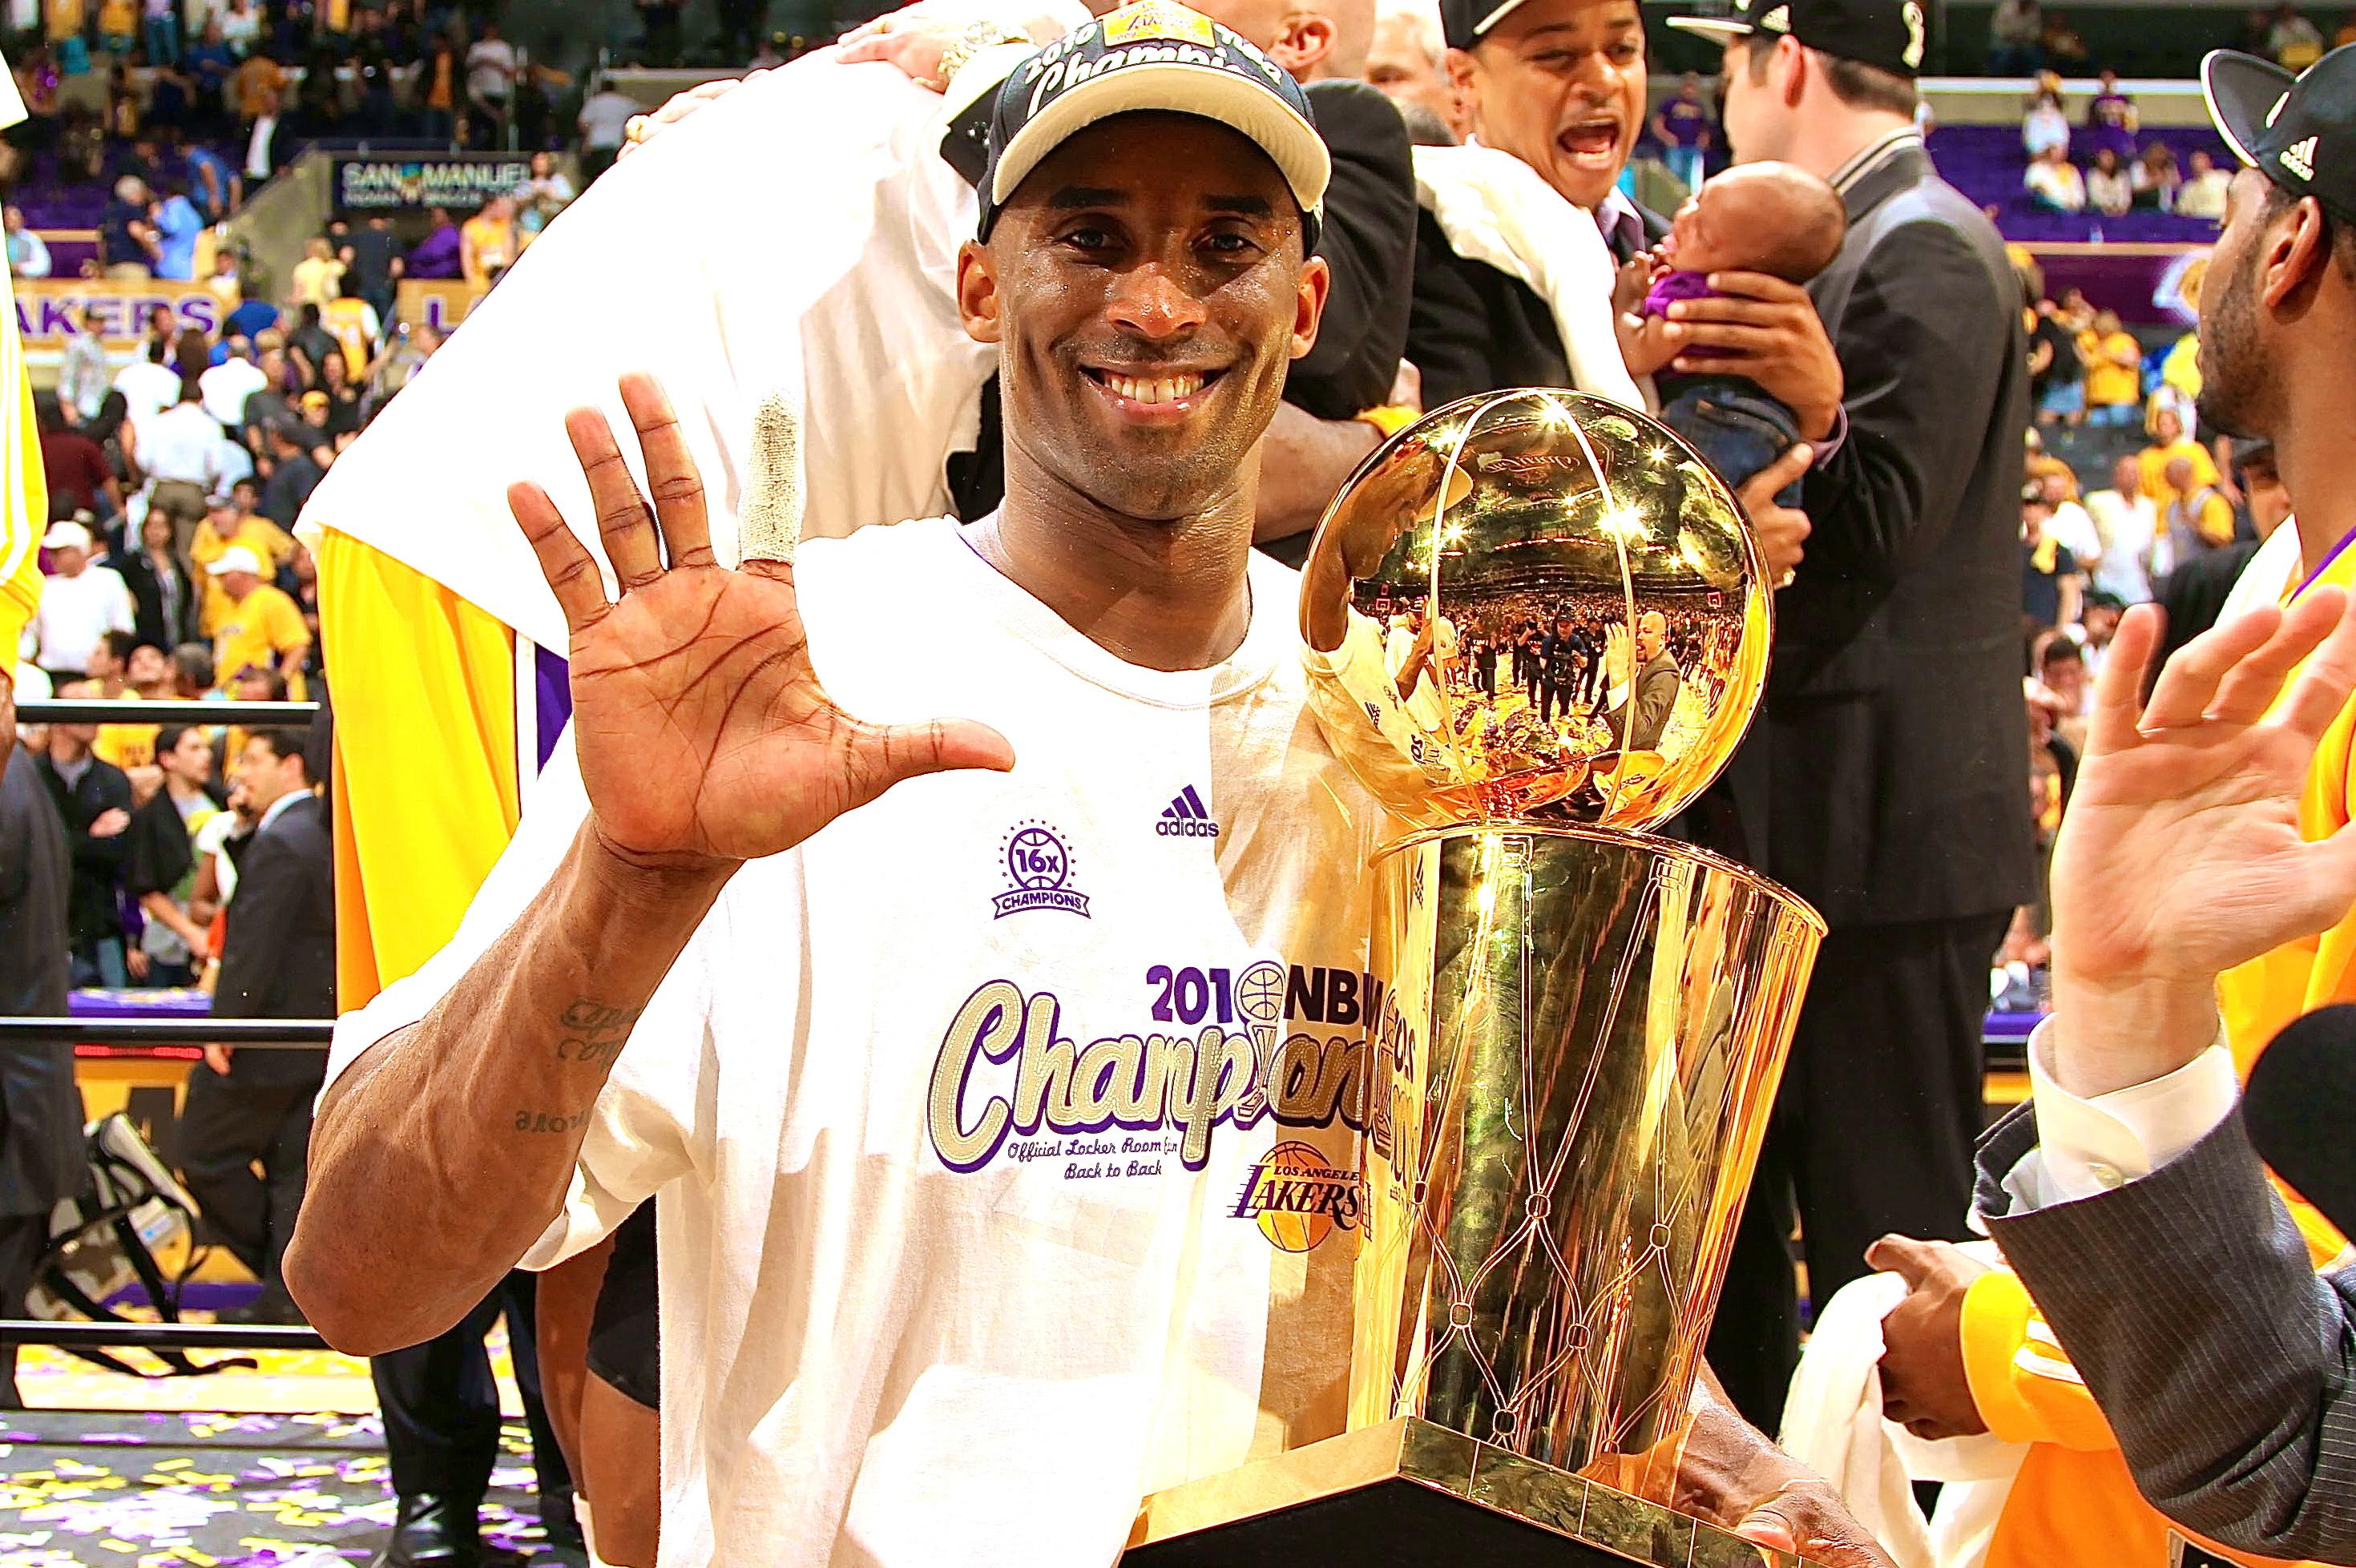 告訴NBA這就是湖人!女老闆霸氣解釋頂薪續大傷後的Kobe:開什麼玩笑,他可是Kobe啊!-黑特籃球-NBA新聞影音圖片分享社區